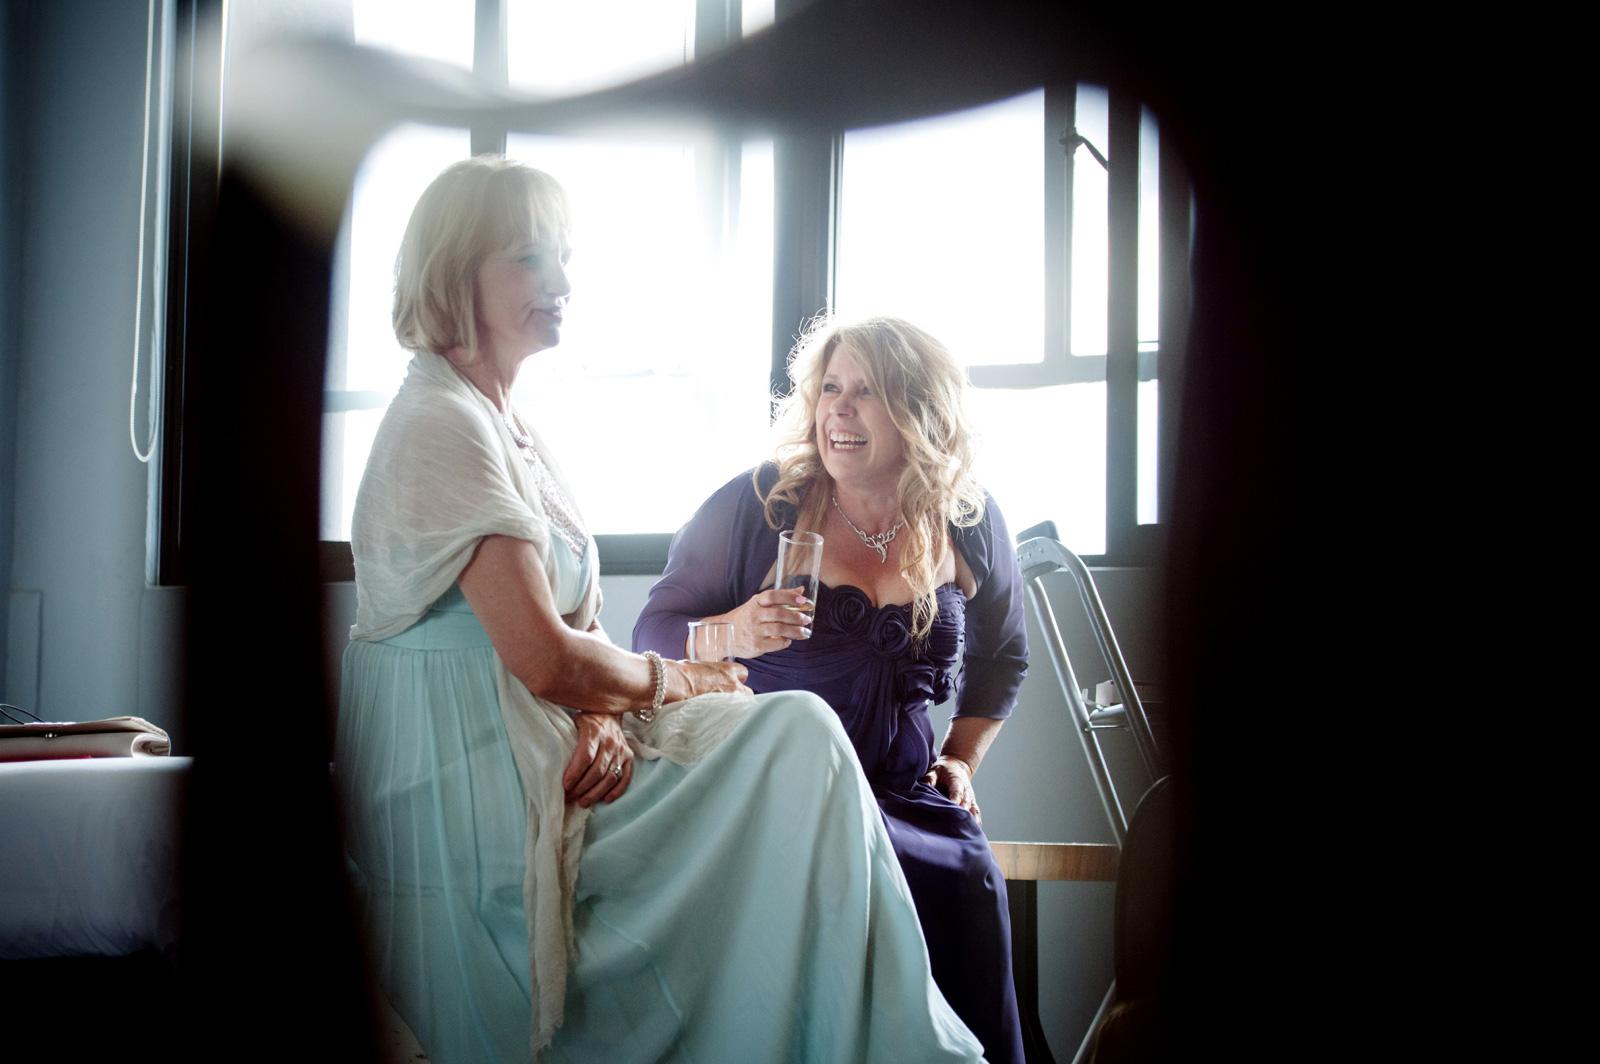 women at a wedding